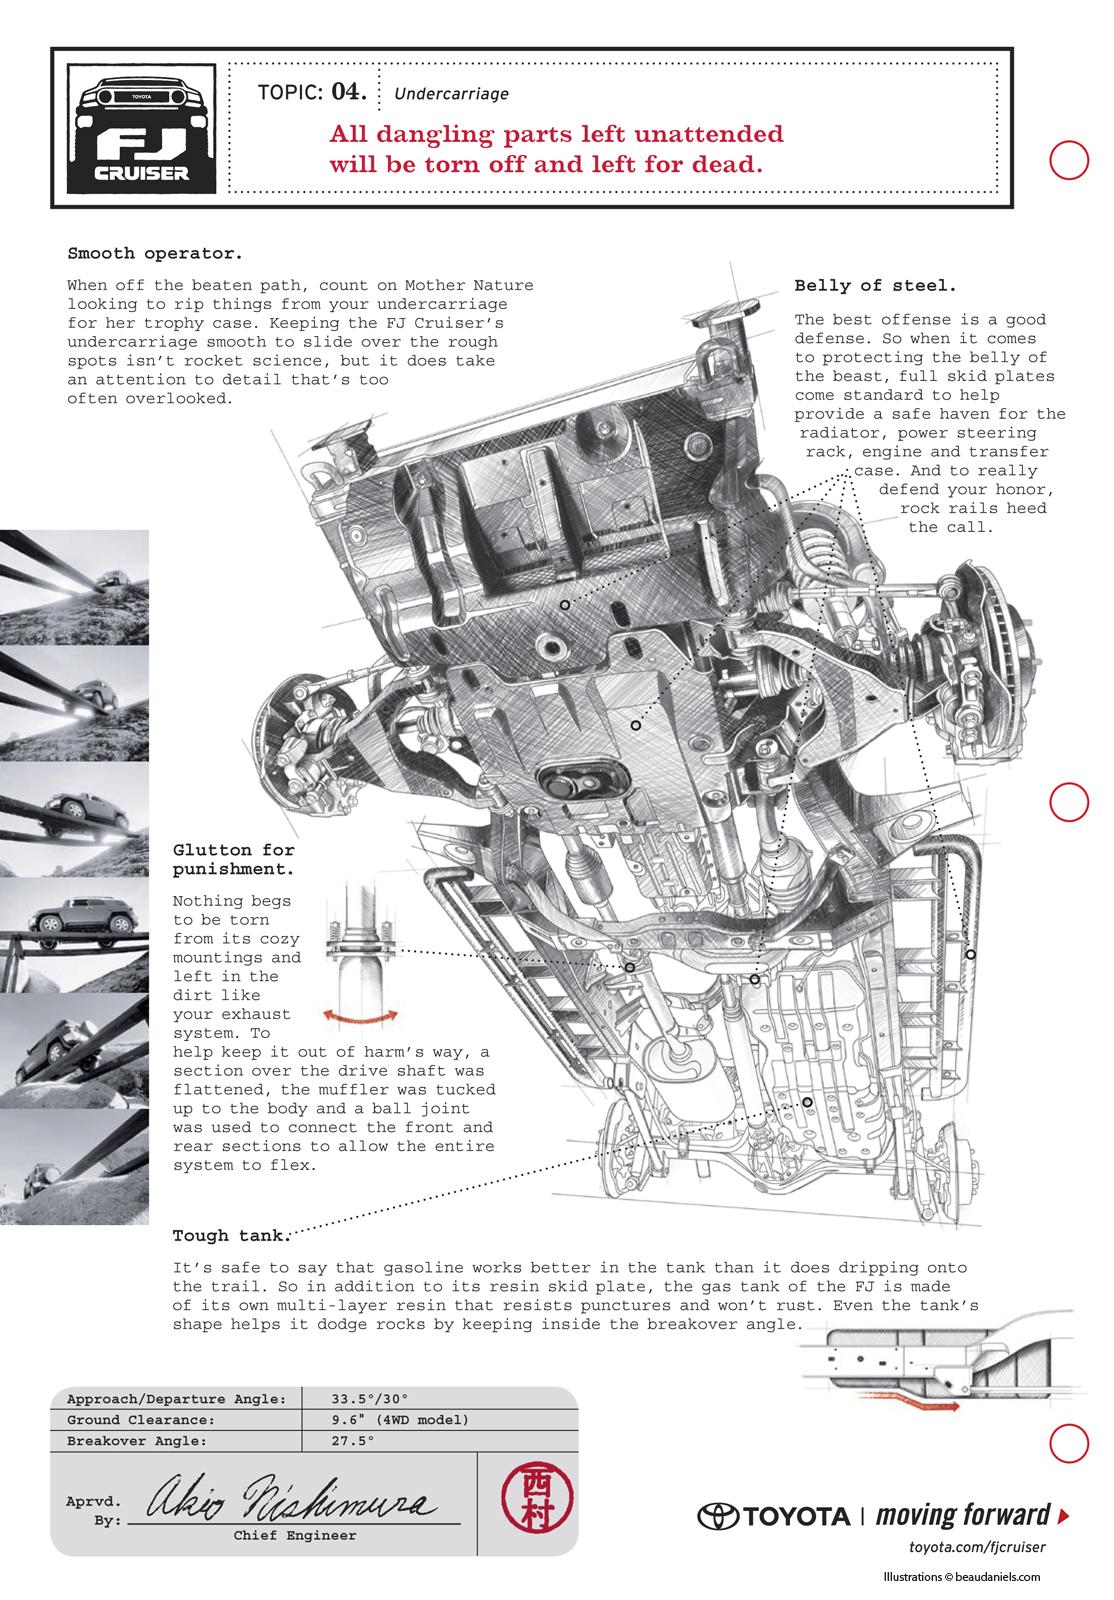 fj cruiser engine parts diagram